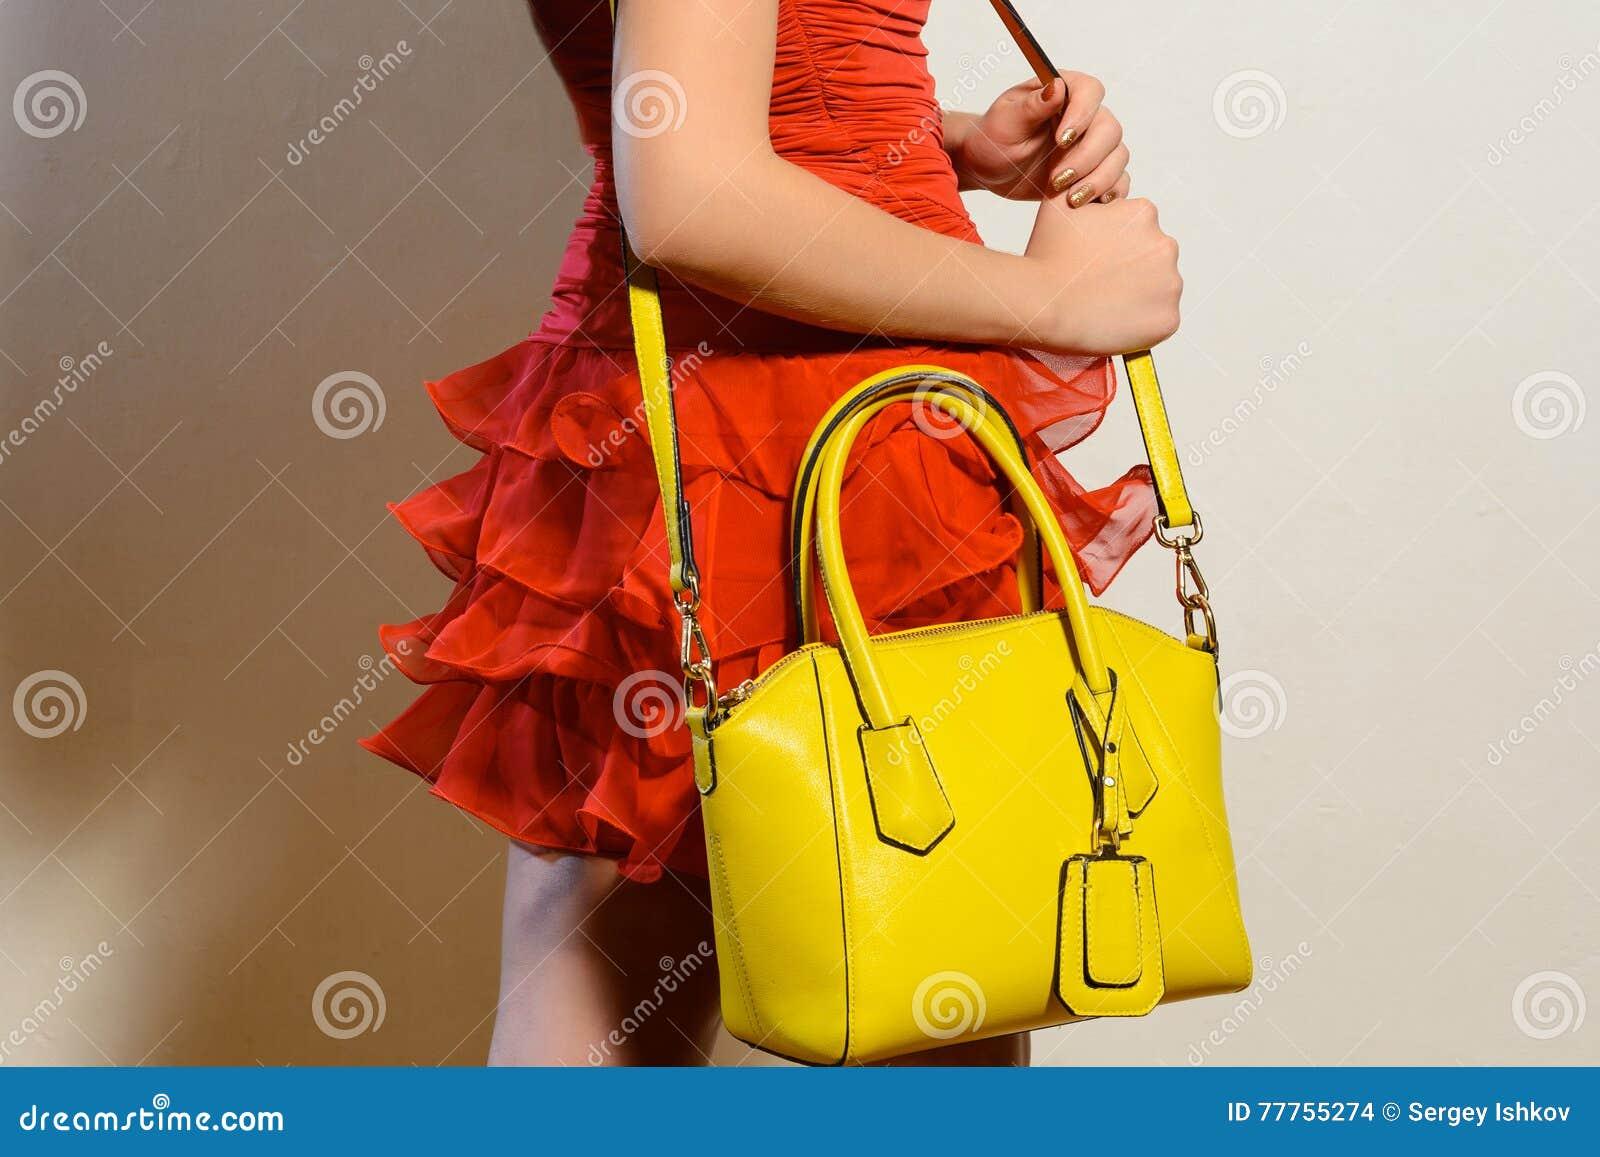 Une Femme La Dans Avec Rouge Le Main Jeune Sac Robe À Mode 0OmnwvN8